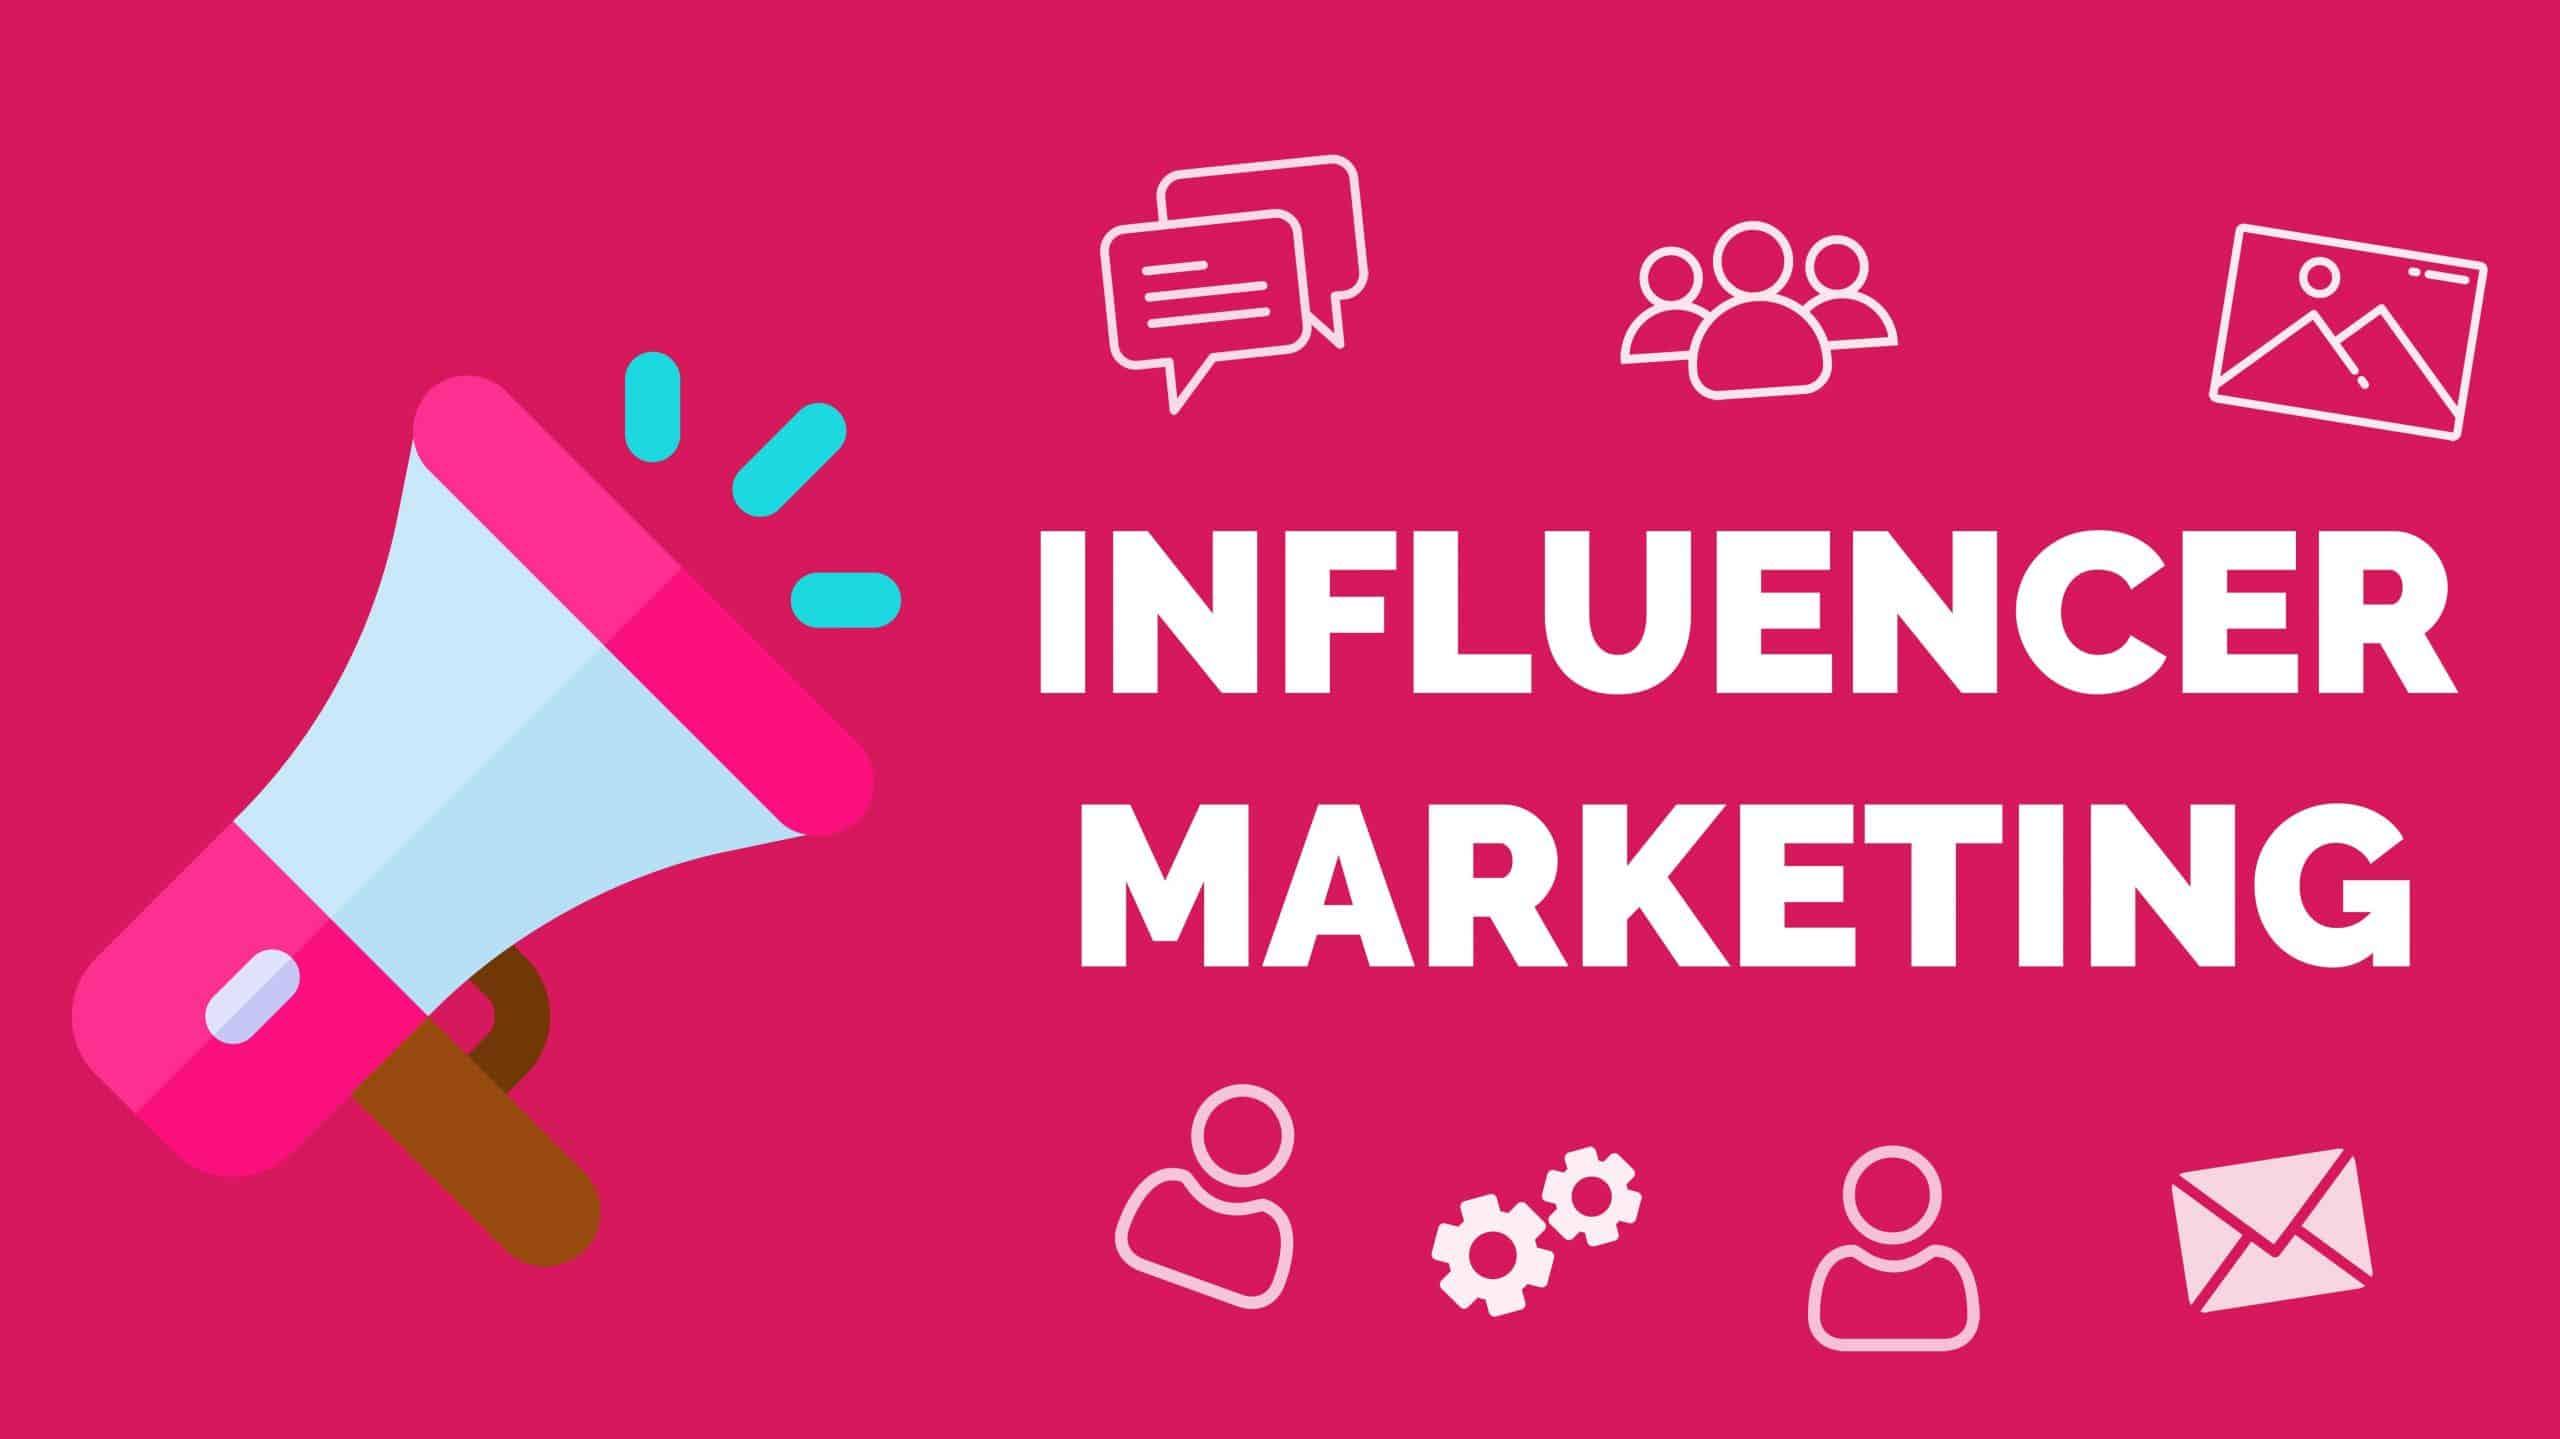 عوامل تضمن لك نجاح عمليات التسويق عبر المؤثرين (6 عوامل)